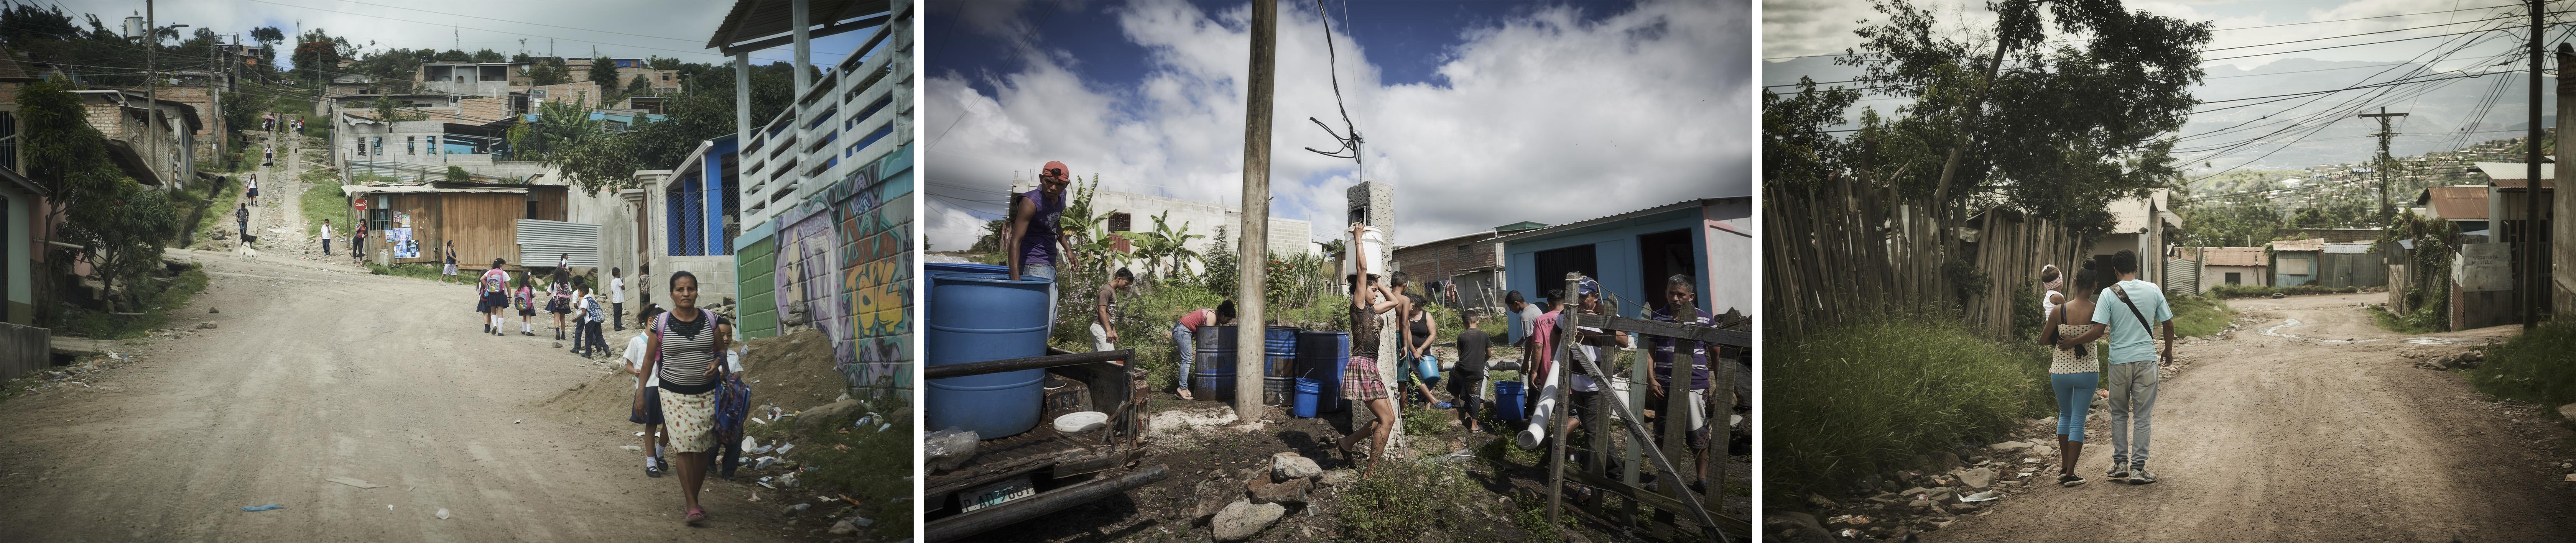 Quartiers où les équipes MSF interviennent à Tegucigalpa, la capitale hondurienne.Christina Simons/MSF